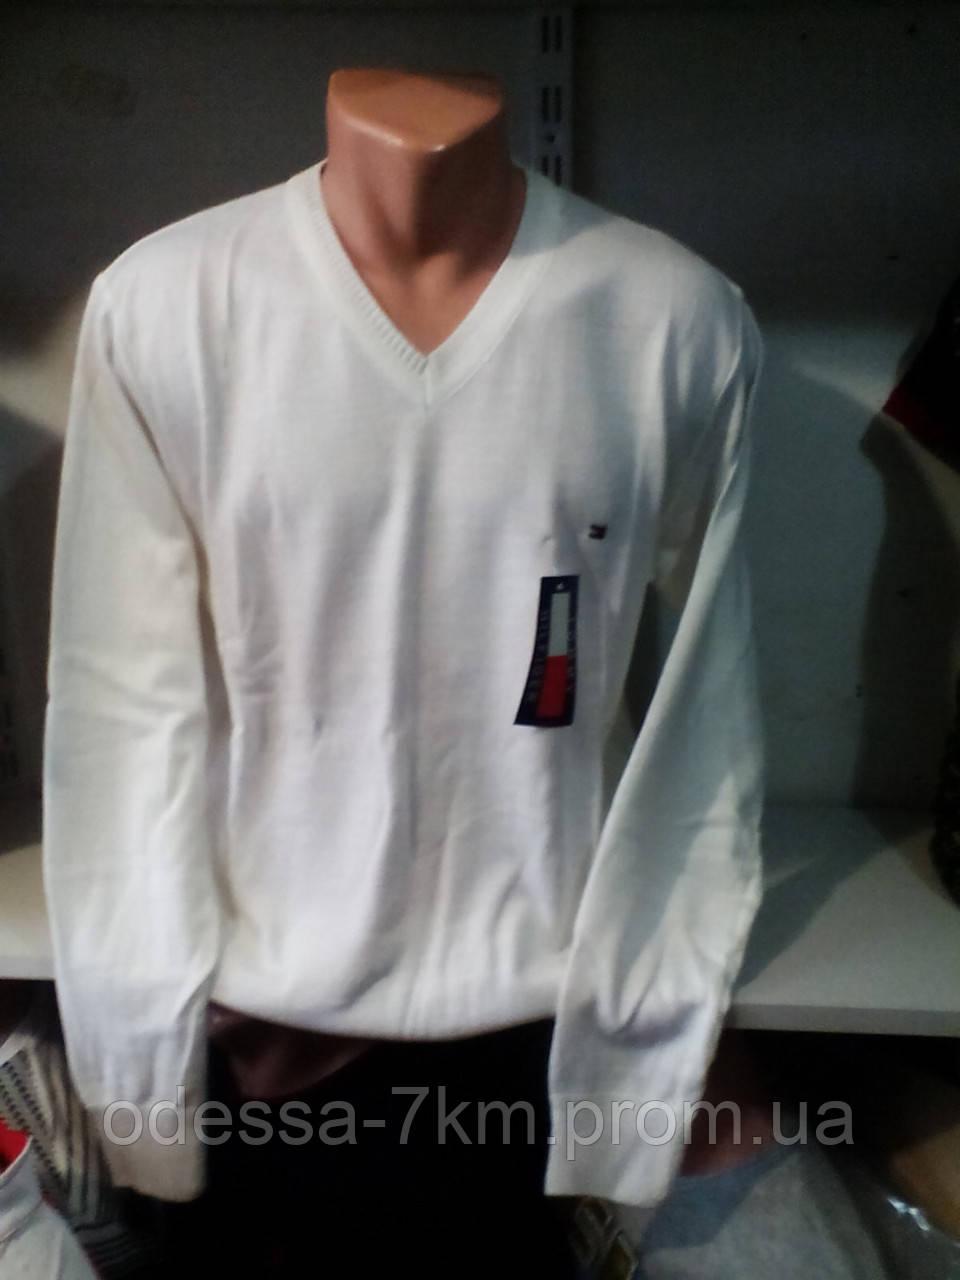 565460d1f2ec5 Мужской молодежный белый свитер 46-48 рр: продажа, цена в Одессе ...